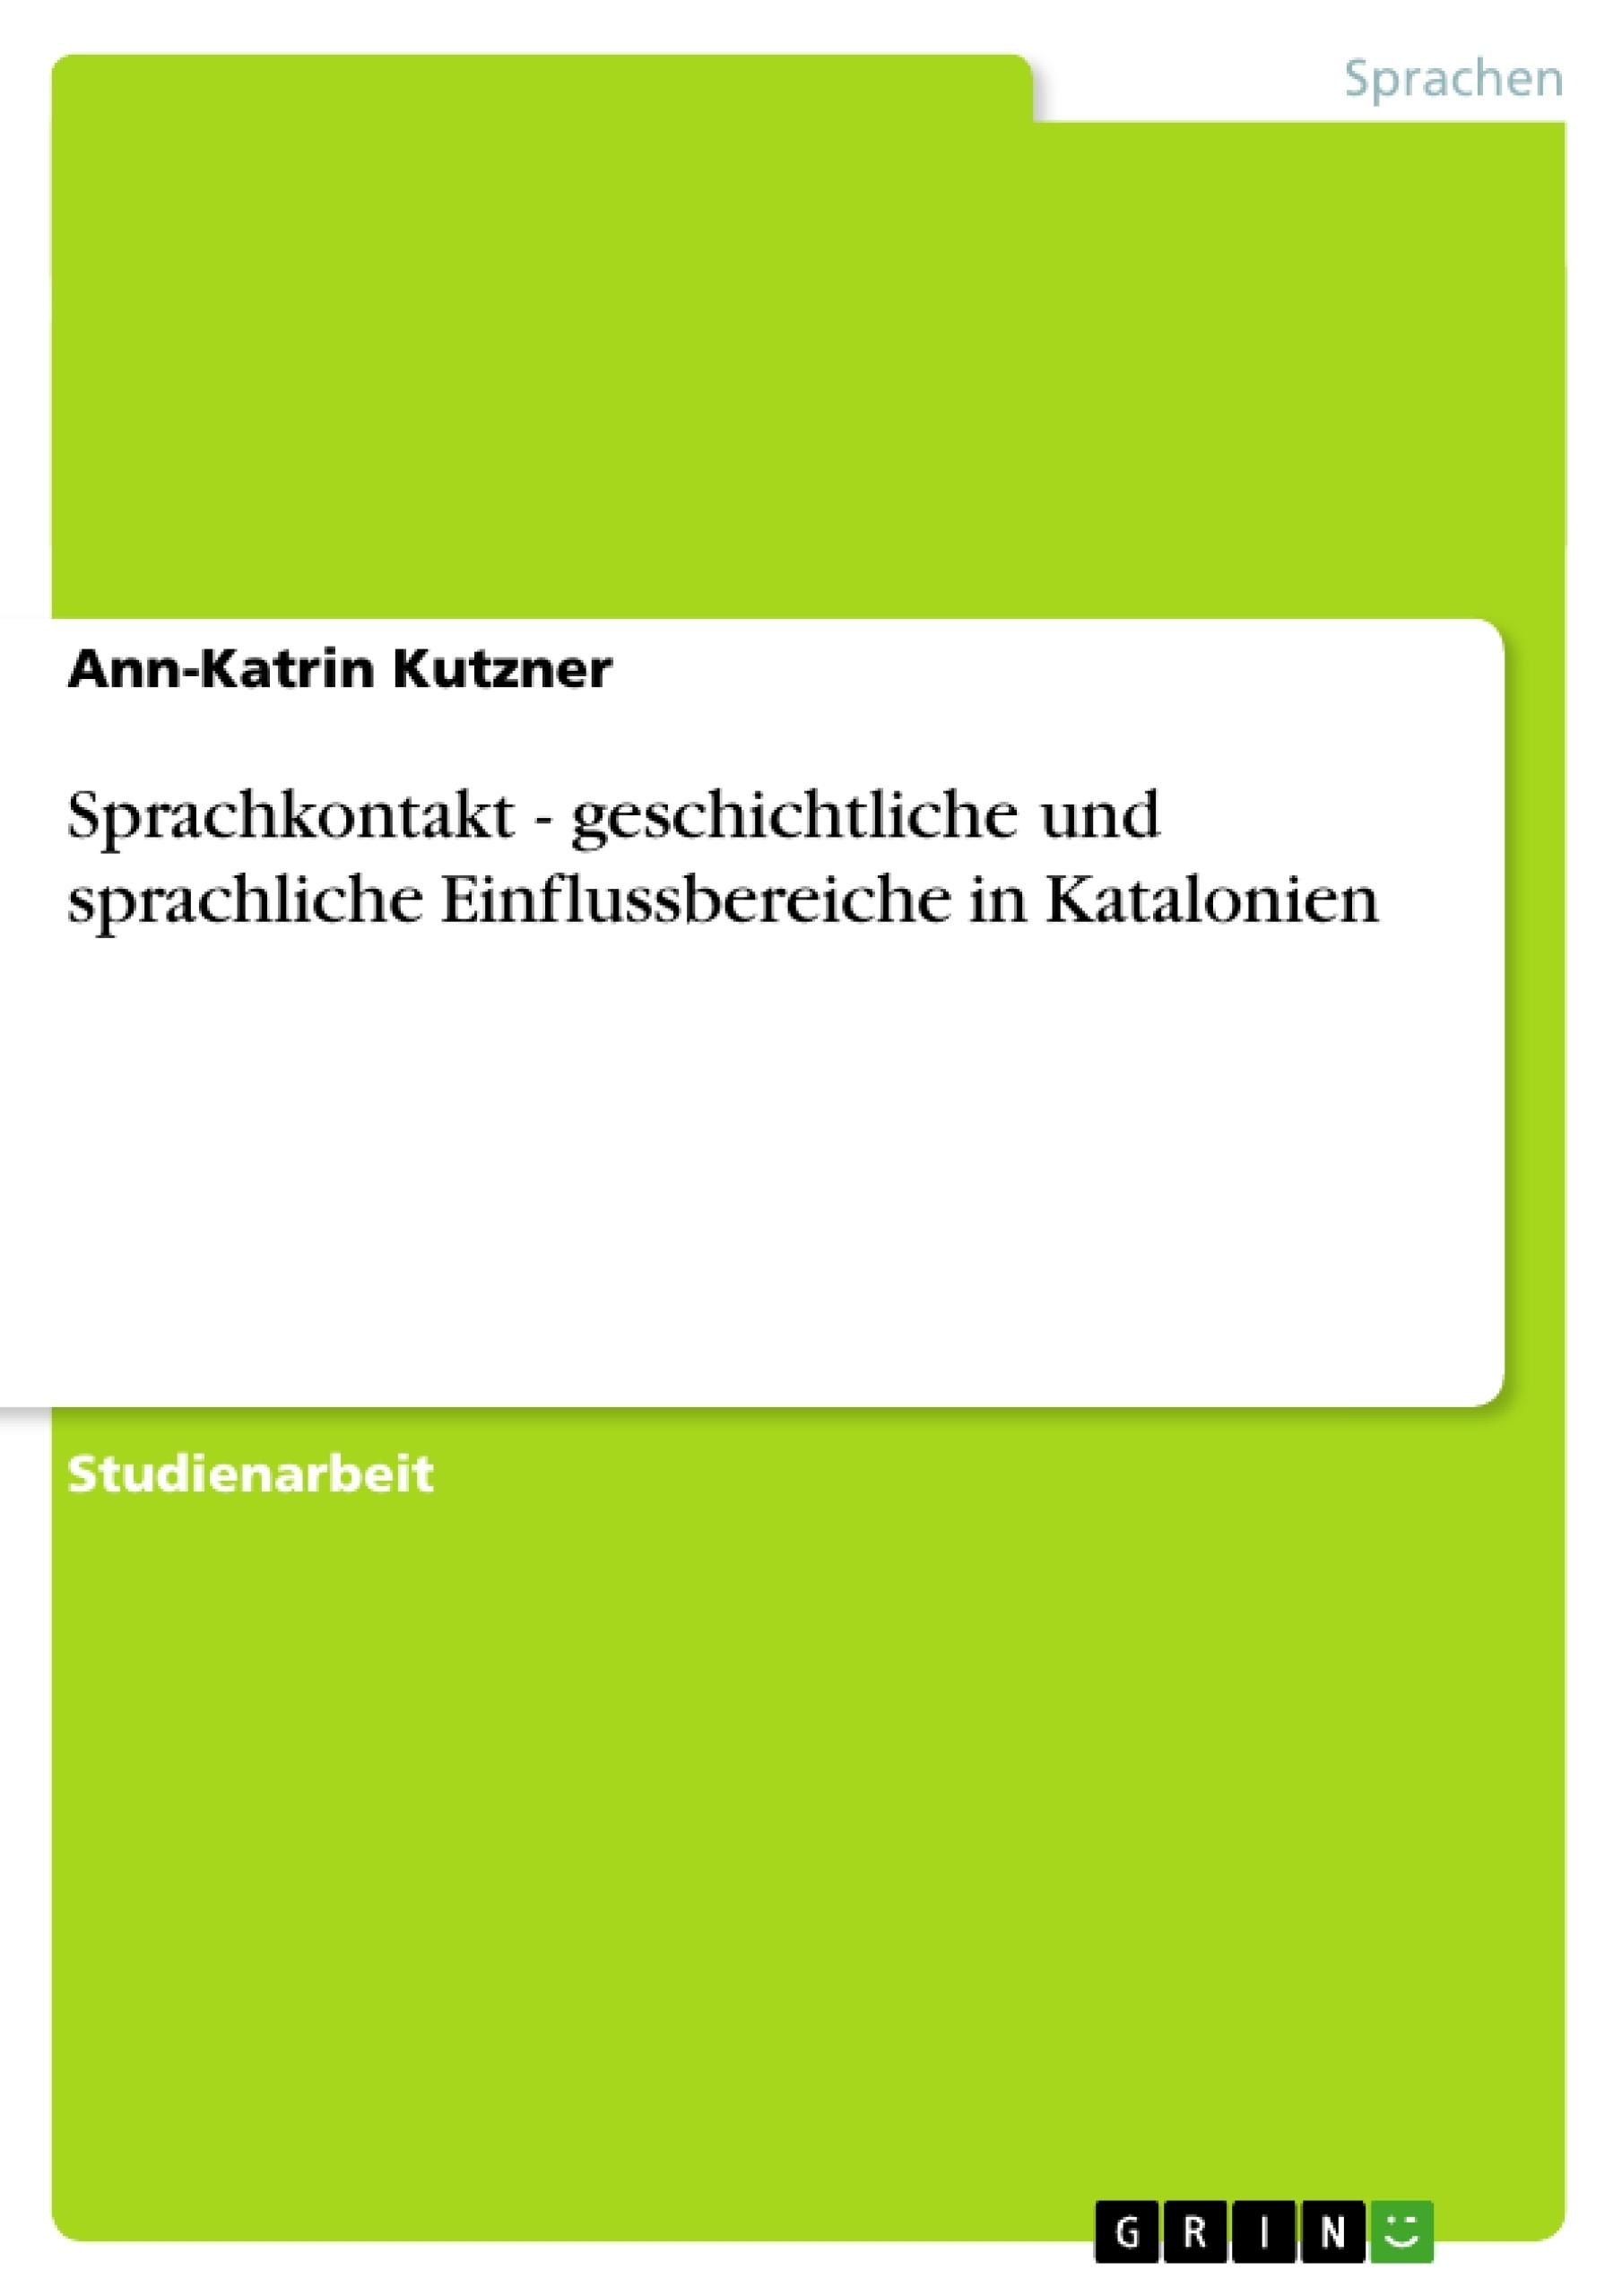 Titel: Sprachkontakt - geschichtliche und sprachliche Einflussbereiche in Katalonien